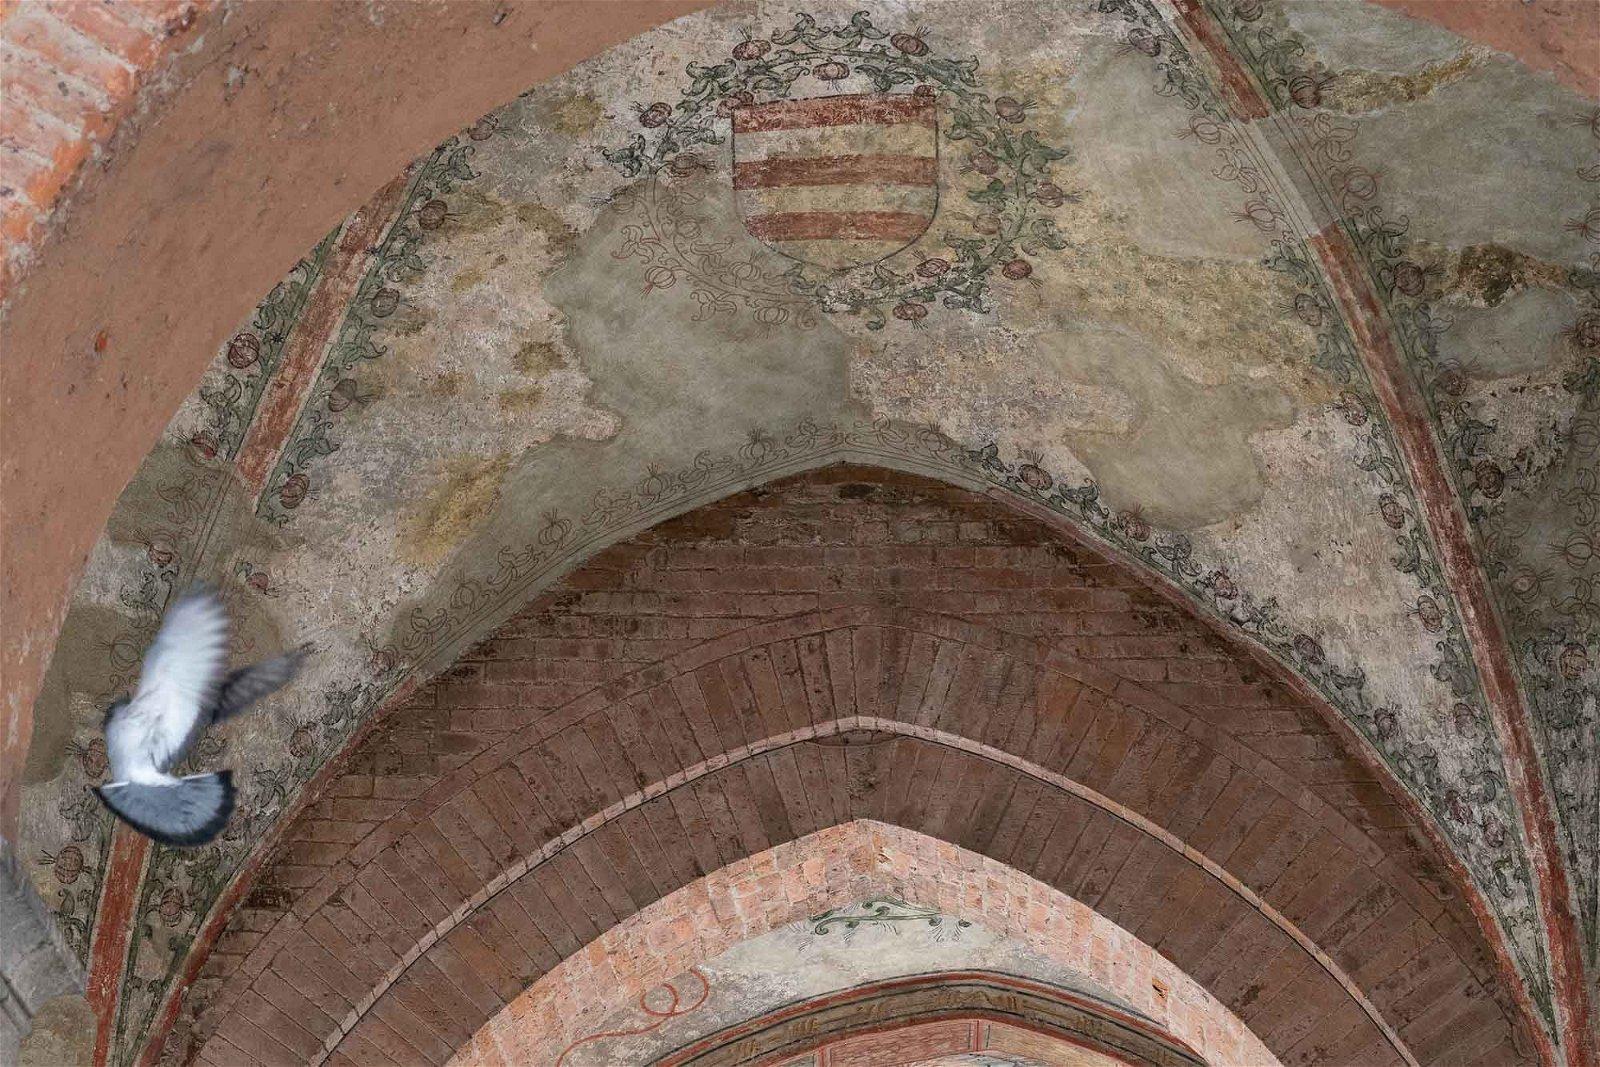 A bird takes flight near some frescoes in Cremona's Piazza del Comune.